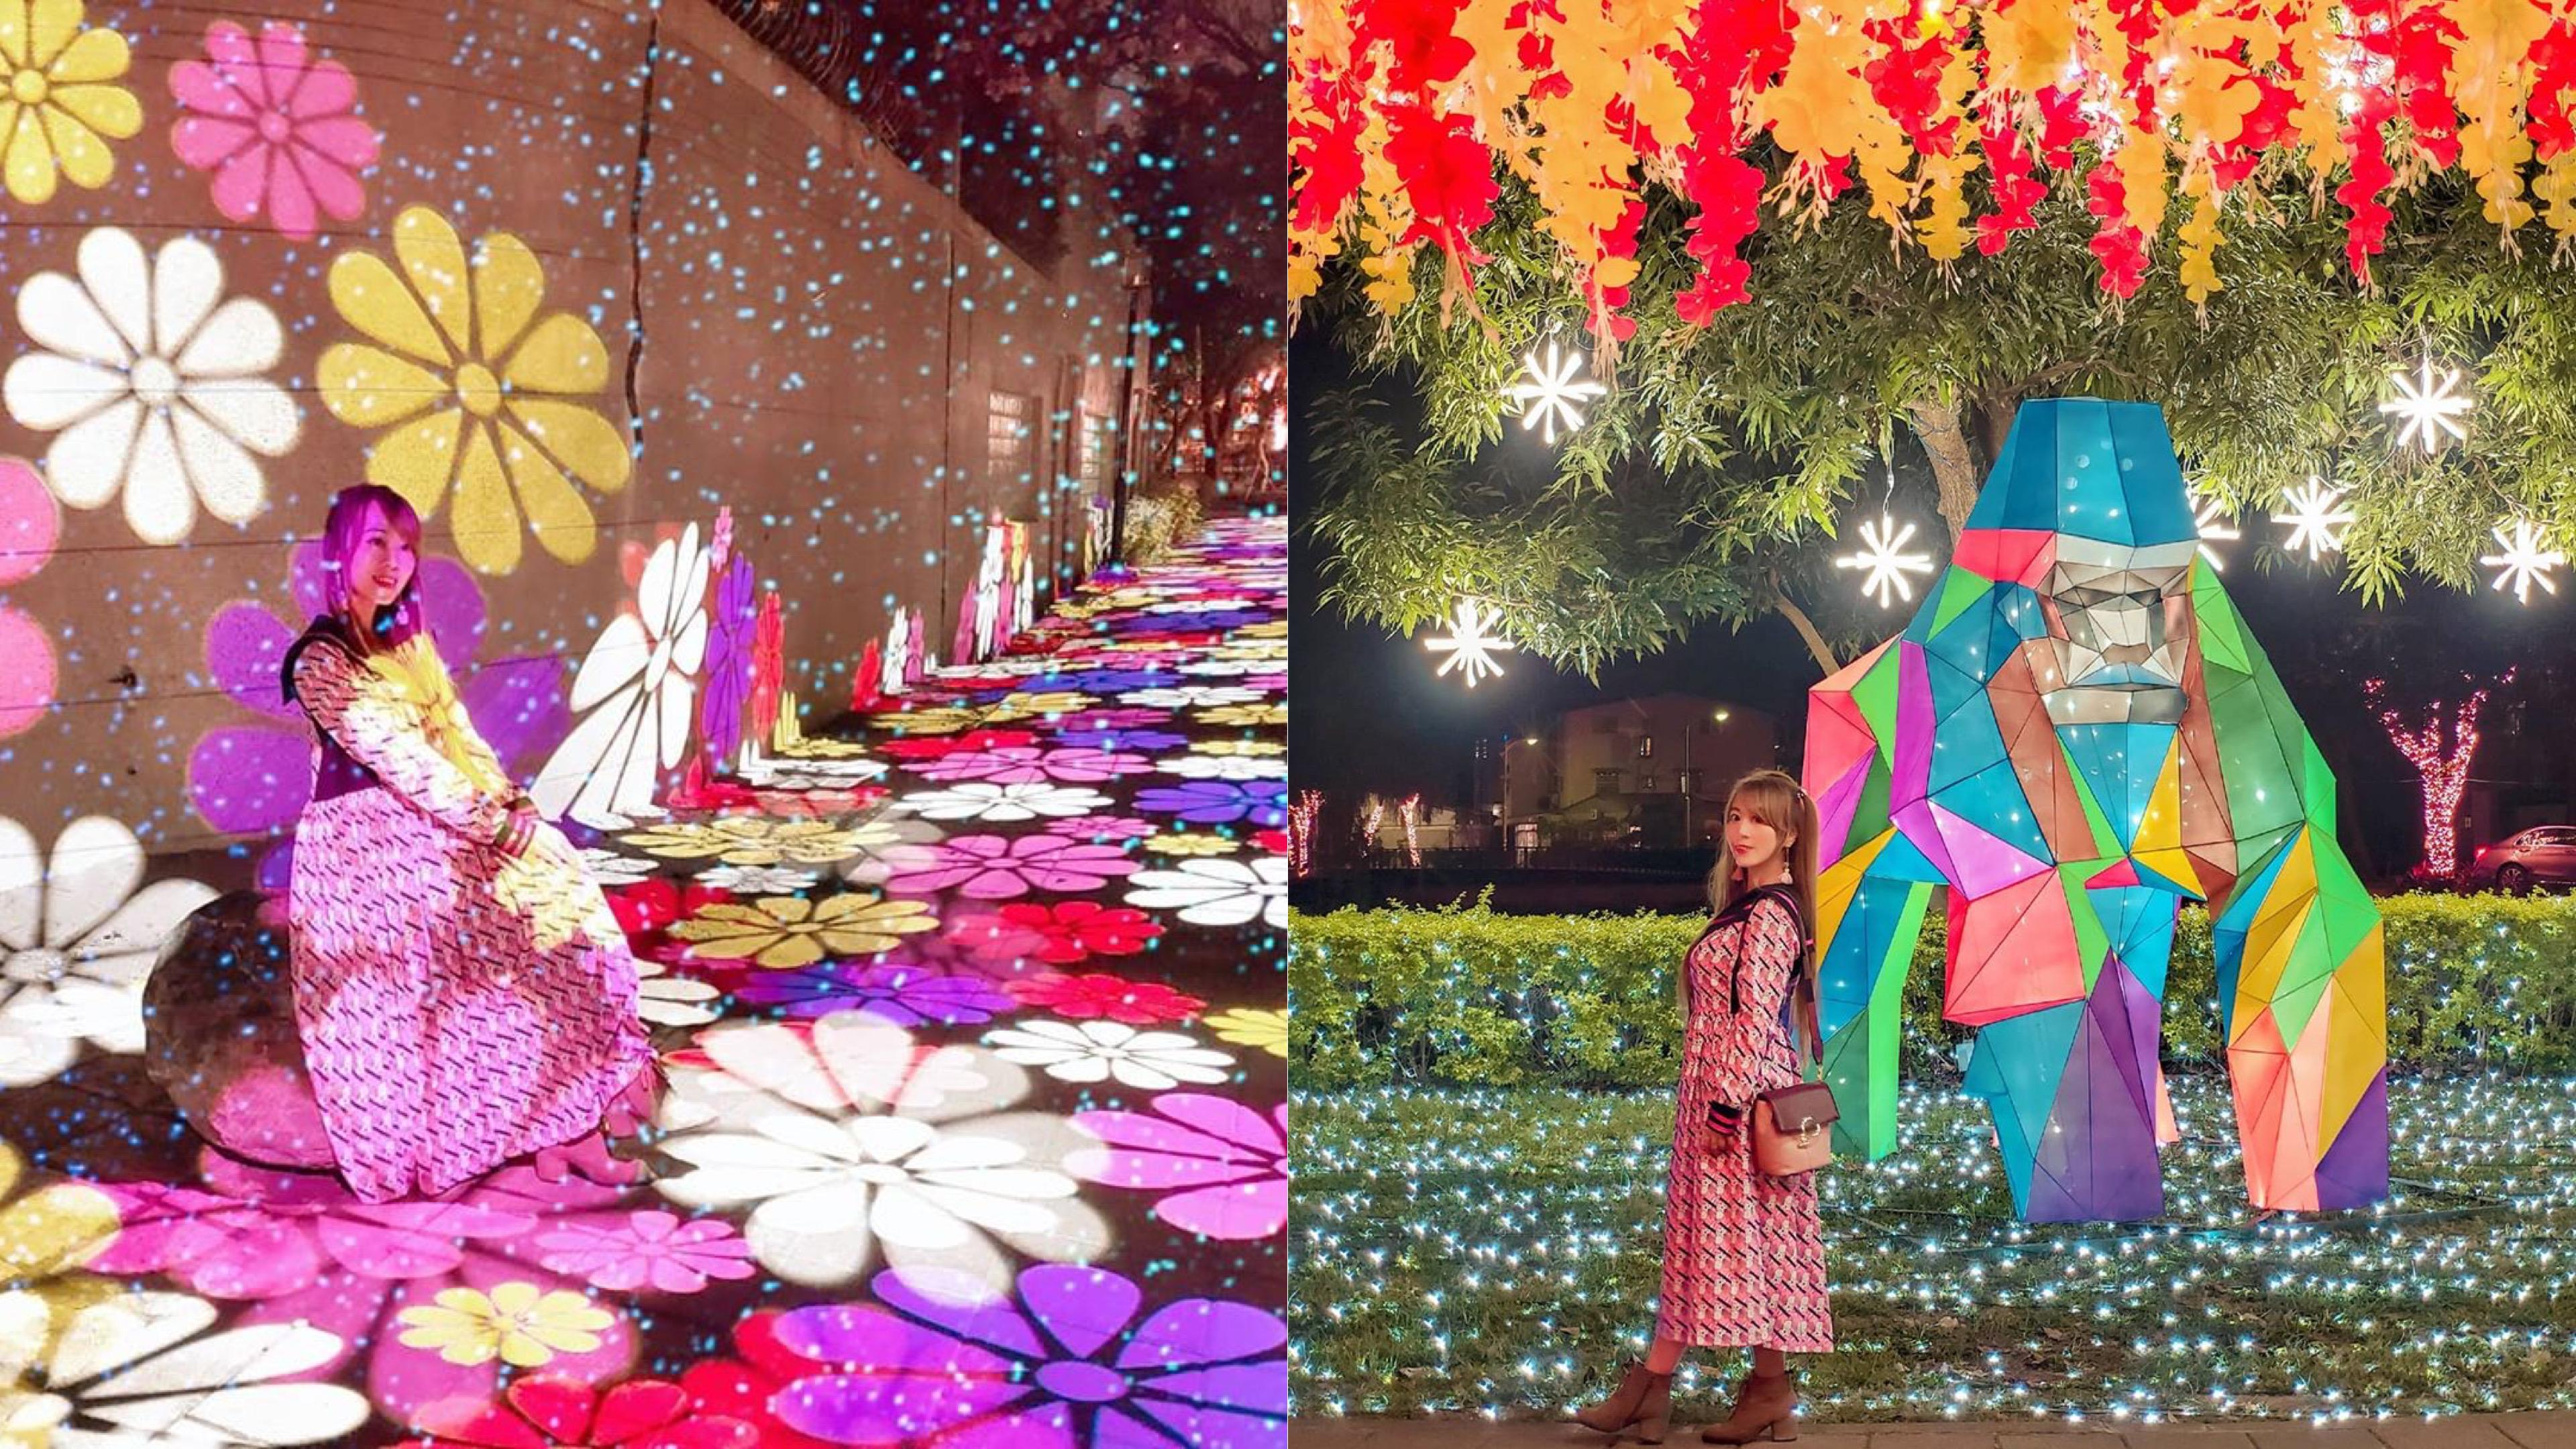 新年的屏東夜晚浪漫閃亮!森林動物派對、雪花麋鹿、夢幻紅葉海還不快衝一波